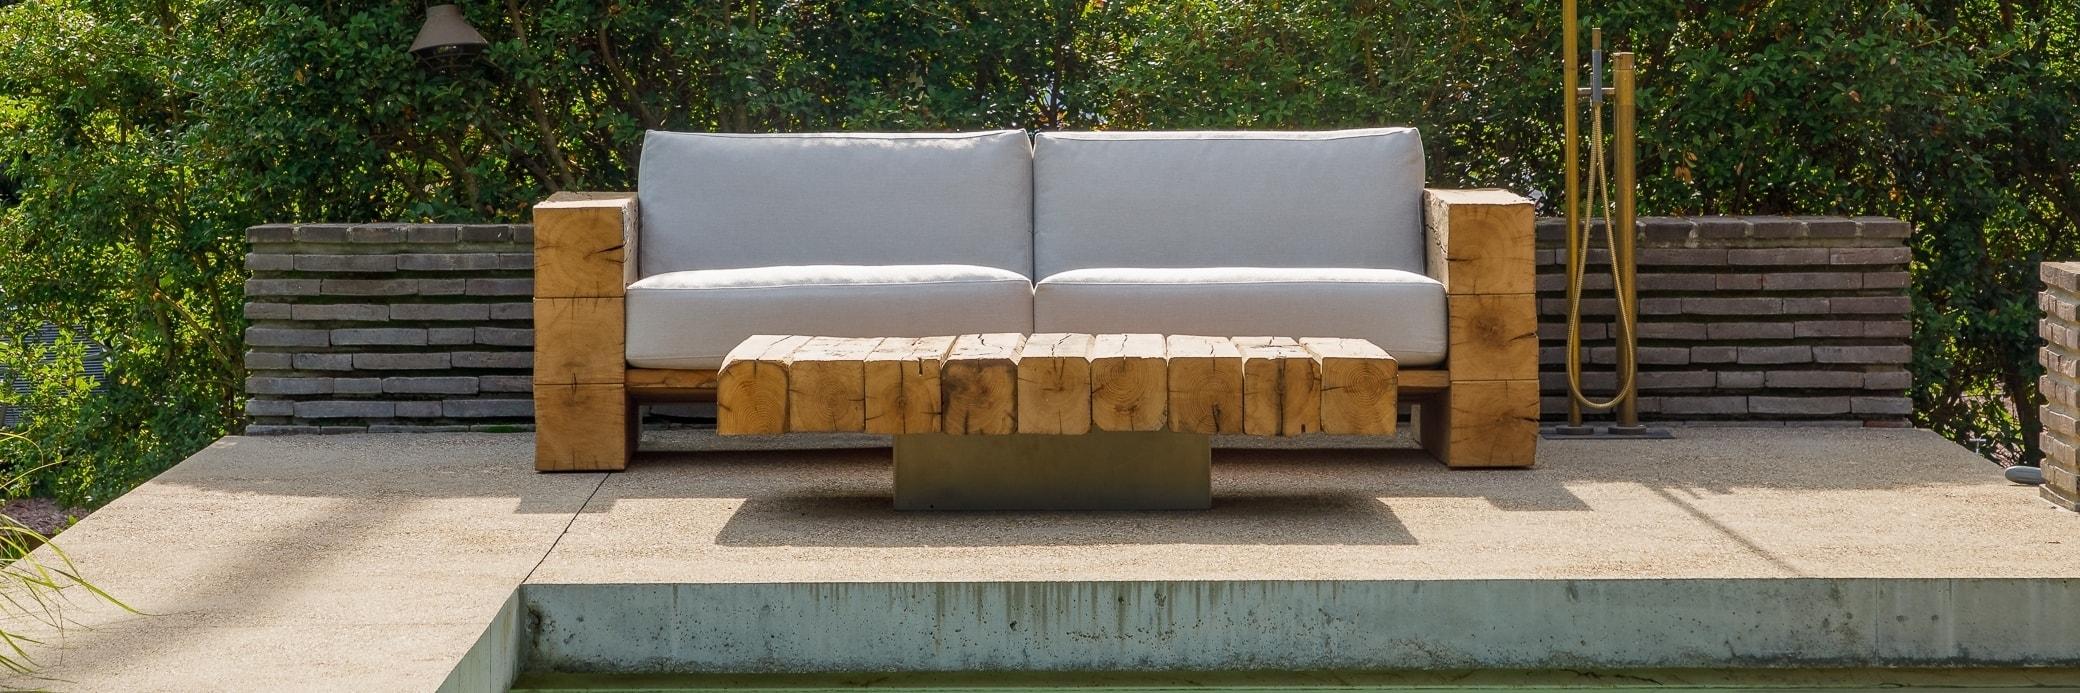 Tables basses en bois ancien d'extérieur - Oakâme